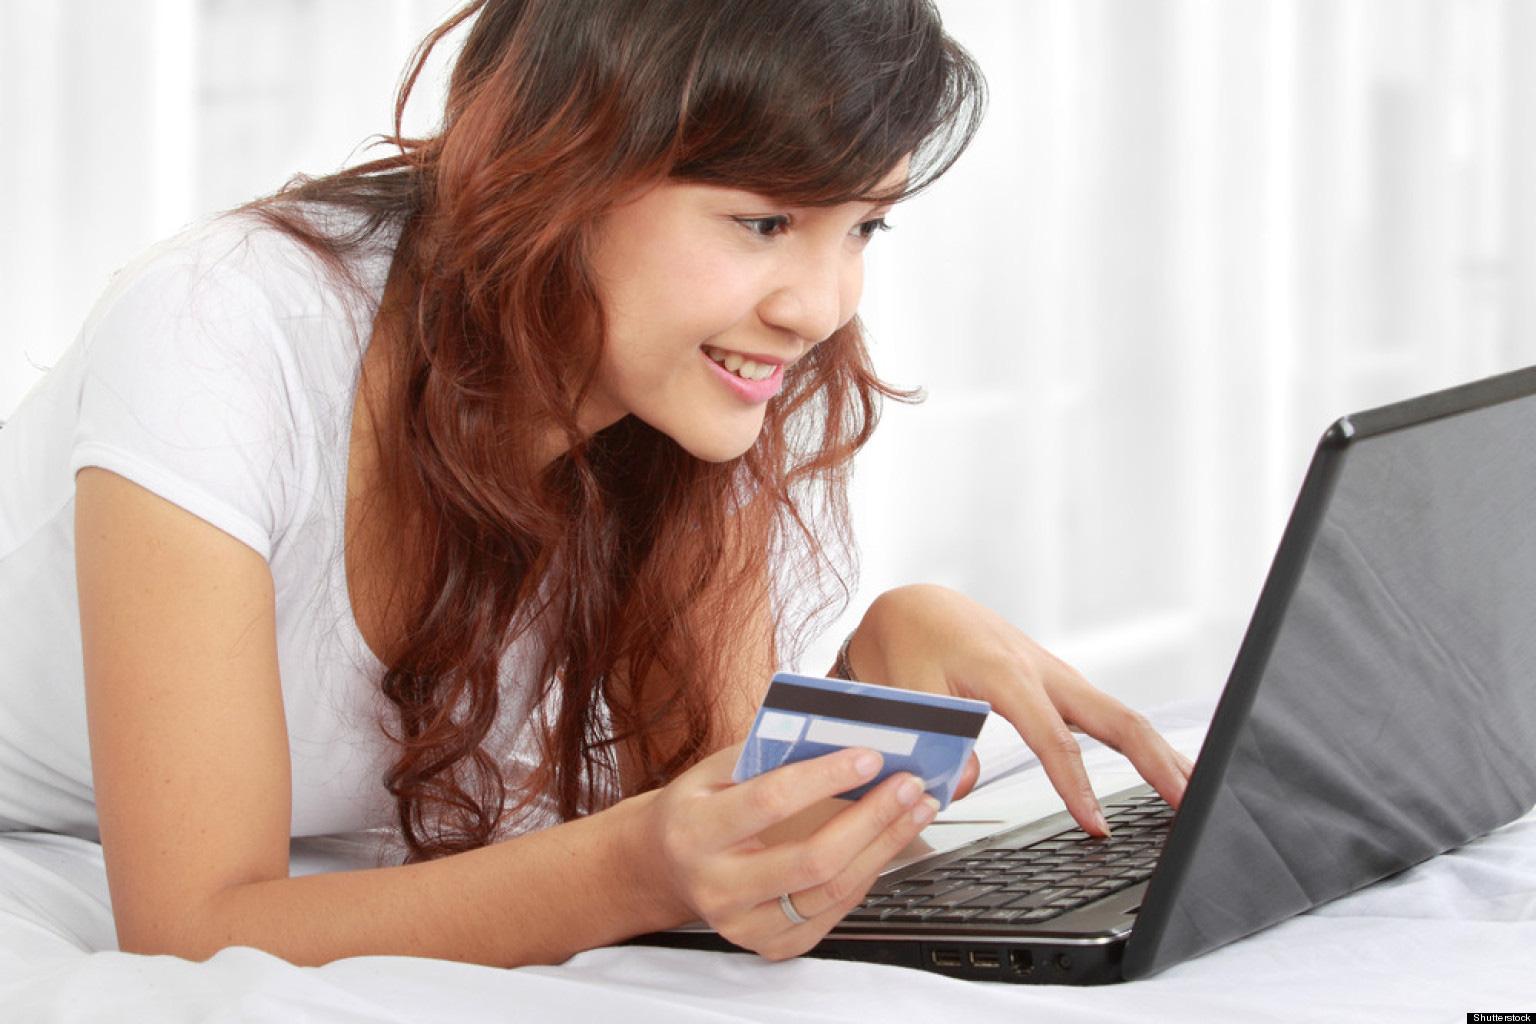 Là tín đồ mua sắm, nhưng chắc gì chị em đã biết cách mua quần áo trên mạng để an toàn, tiện lợi và tiết kiệm nhất - Ảnh 4.